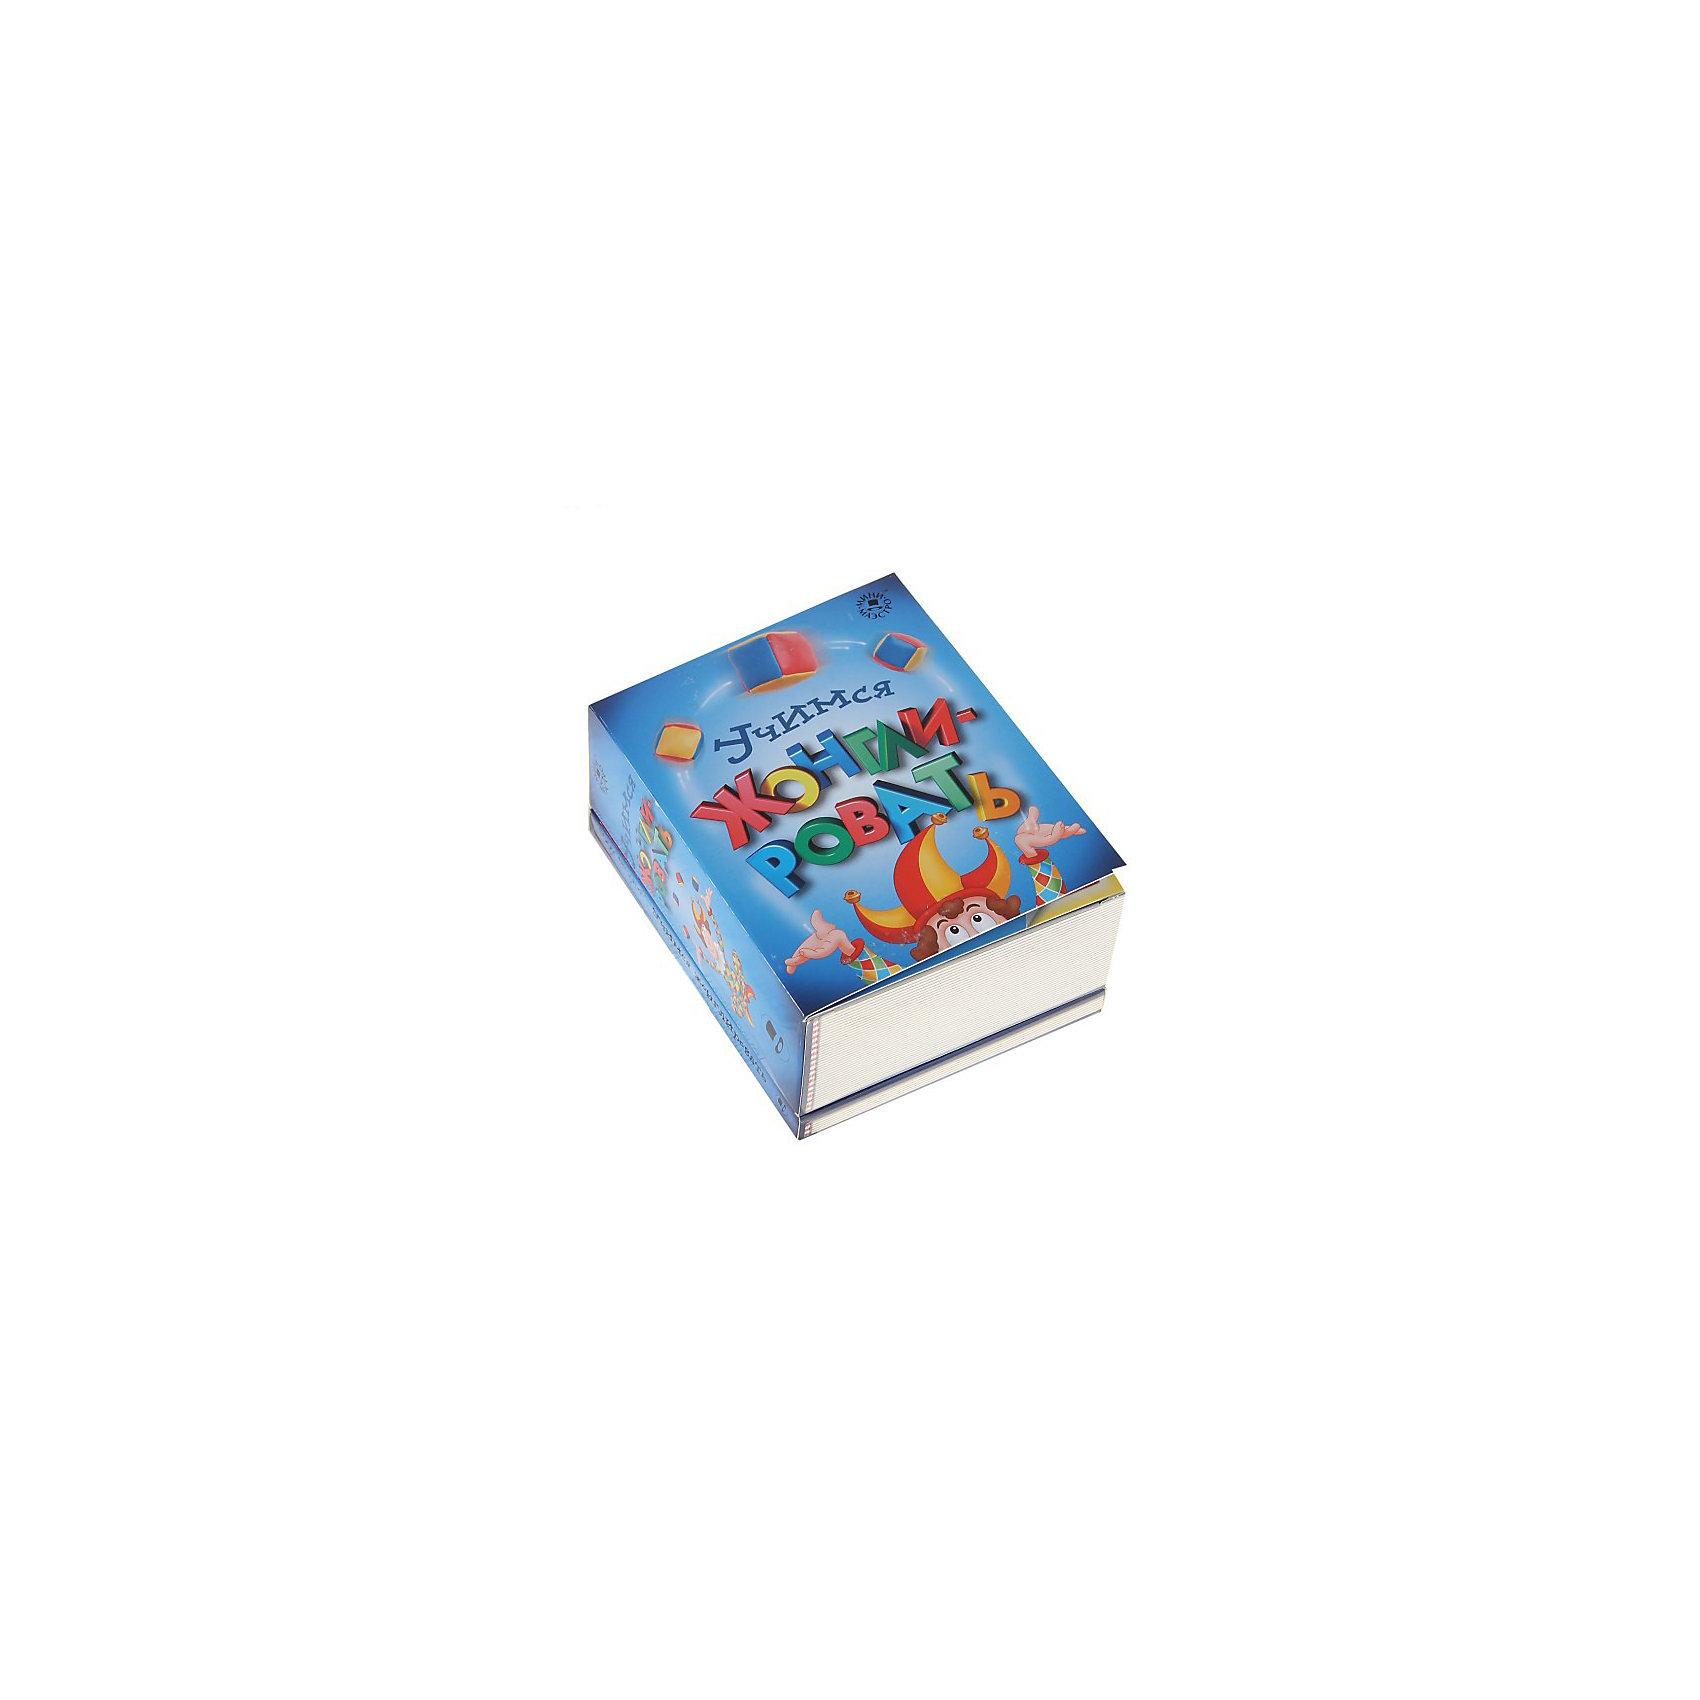 Набор Учимся жонглироватьМини-маэстро «Учимся жонглировать» - набор из 4 специальных кубиков для жонглирования и 48-ми страничная книга с упражнениями – от простого к сложному. С ней ты быстро научишься жонглировать мячами, кольцами, и булавами. <br>Дополнительная информация:<br>В набор входит:<br>- Книга с инструкциями 48 стр., цв. илл.,<br>- 4 кубика для жонглирования.<br>Размер упаковки (д/ш/в): 95 х 52 х 120 мм<br>Теперь ты сможешь стать профессиональным жонглером! Начни прямо сейчас! И научи друзей!<br><br>Ширина мм: 95<br>Глубина мм: 52<br>Высота мм: 120<br>Вес г: 300<br>Возраст от месяцев: 72<br>Возраст до месяцев: 144<br>Пол: Унисекс<br>Возраст: Детский<br>SKU: 2358221